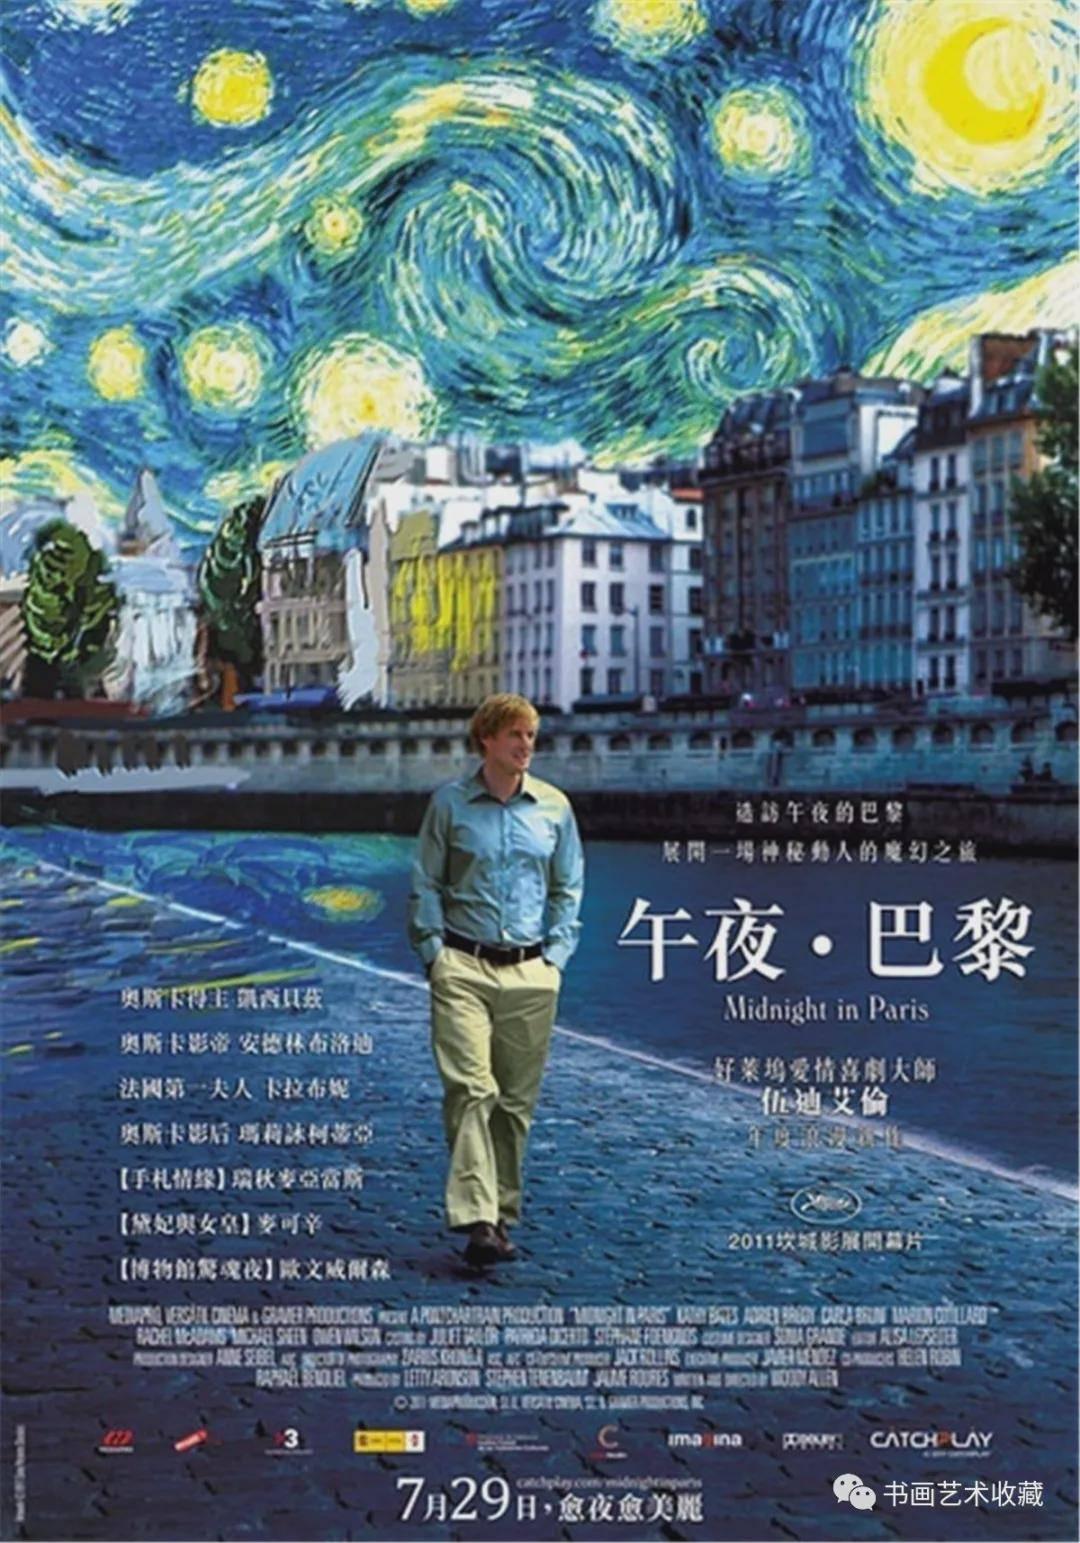 午夜巴黎:提起艺术泪不干_4321经典电影推荐